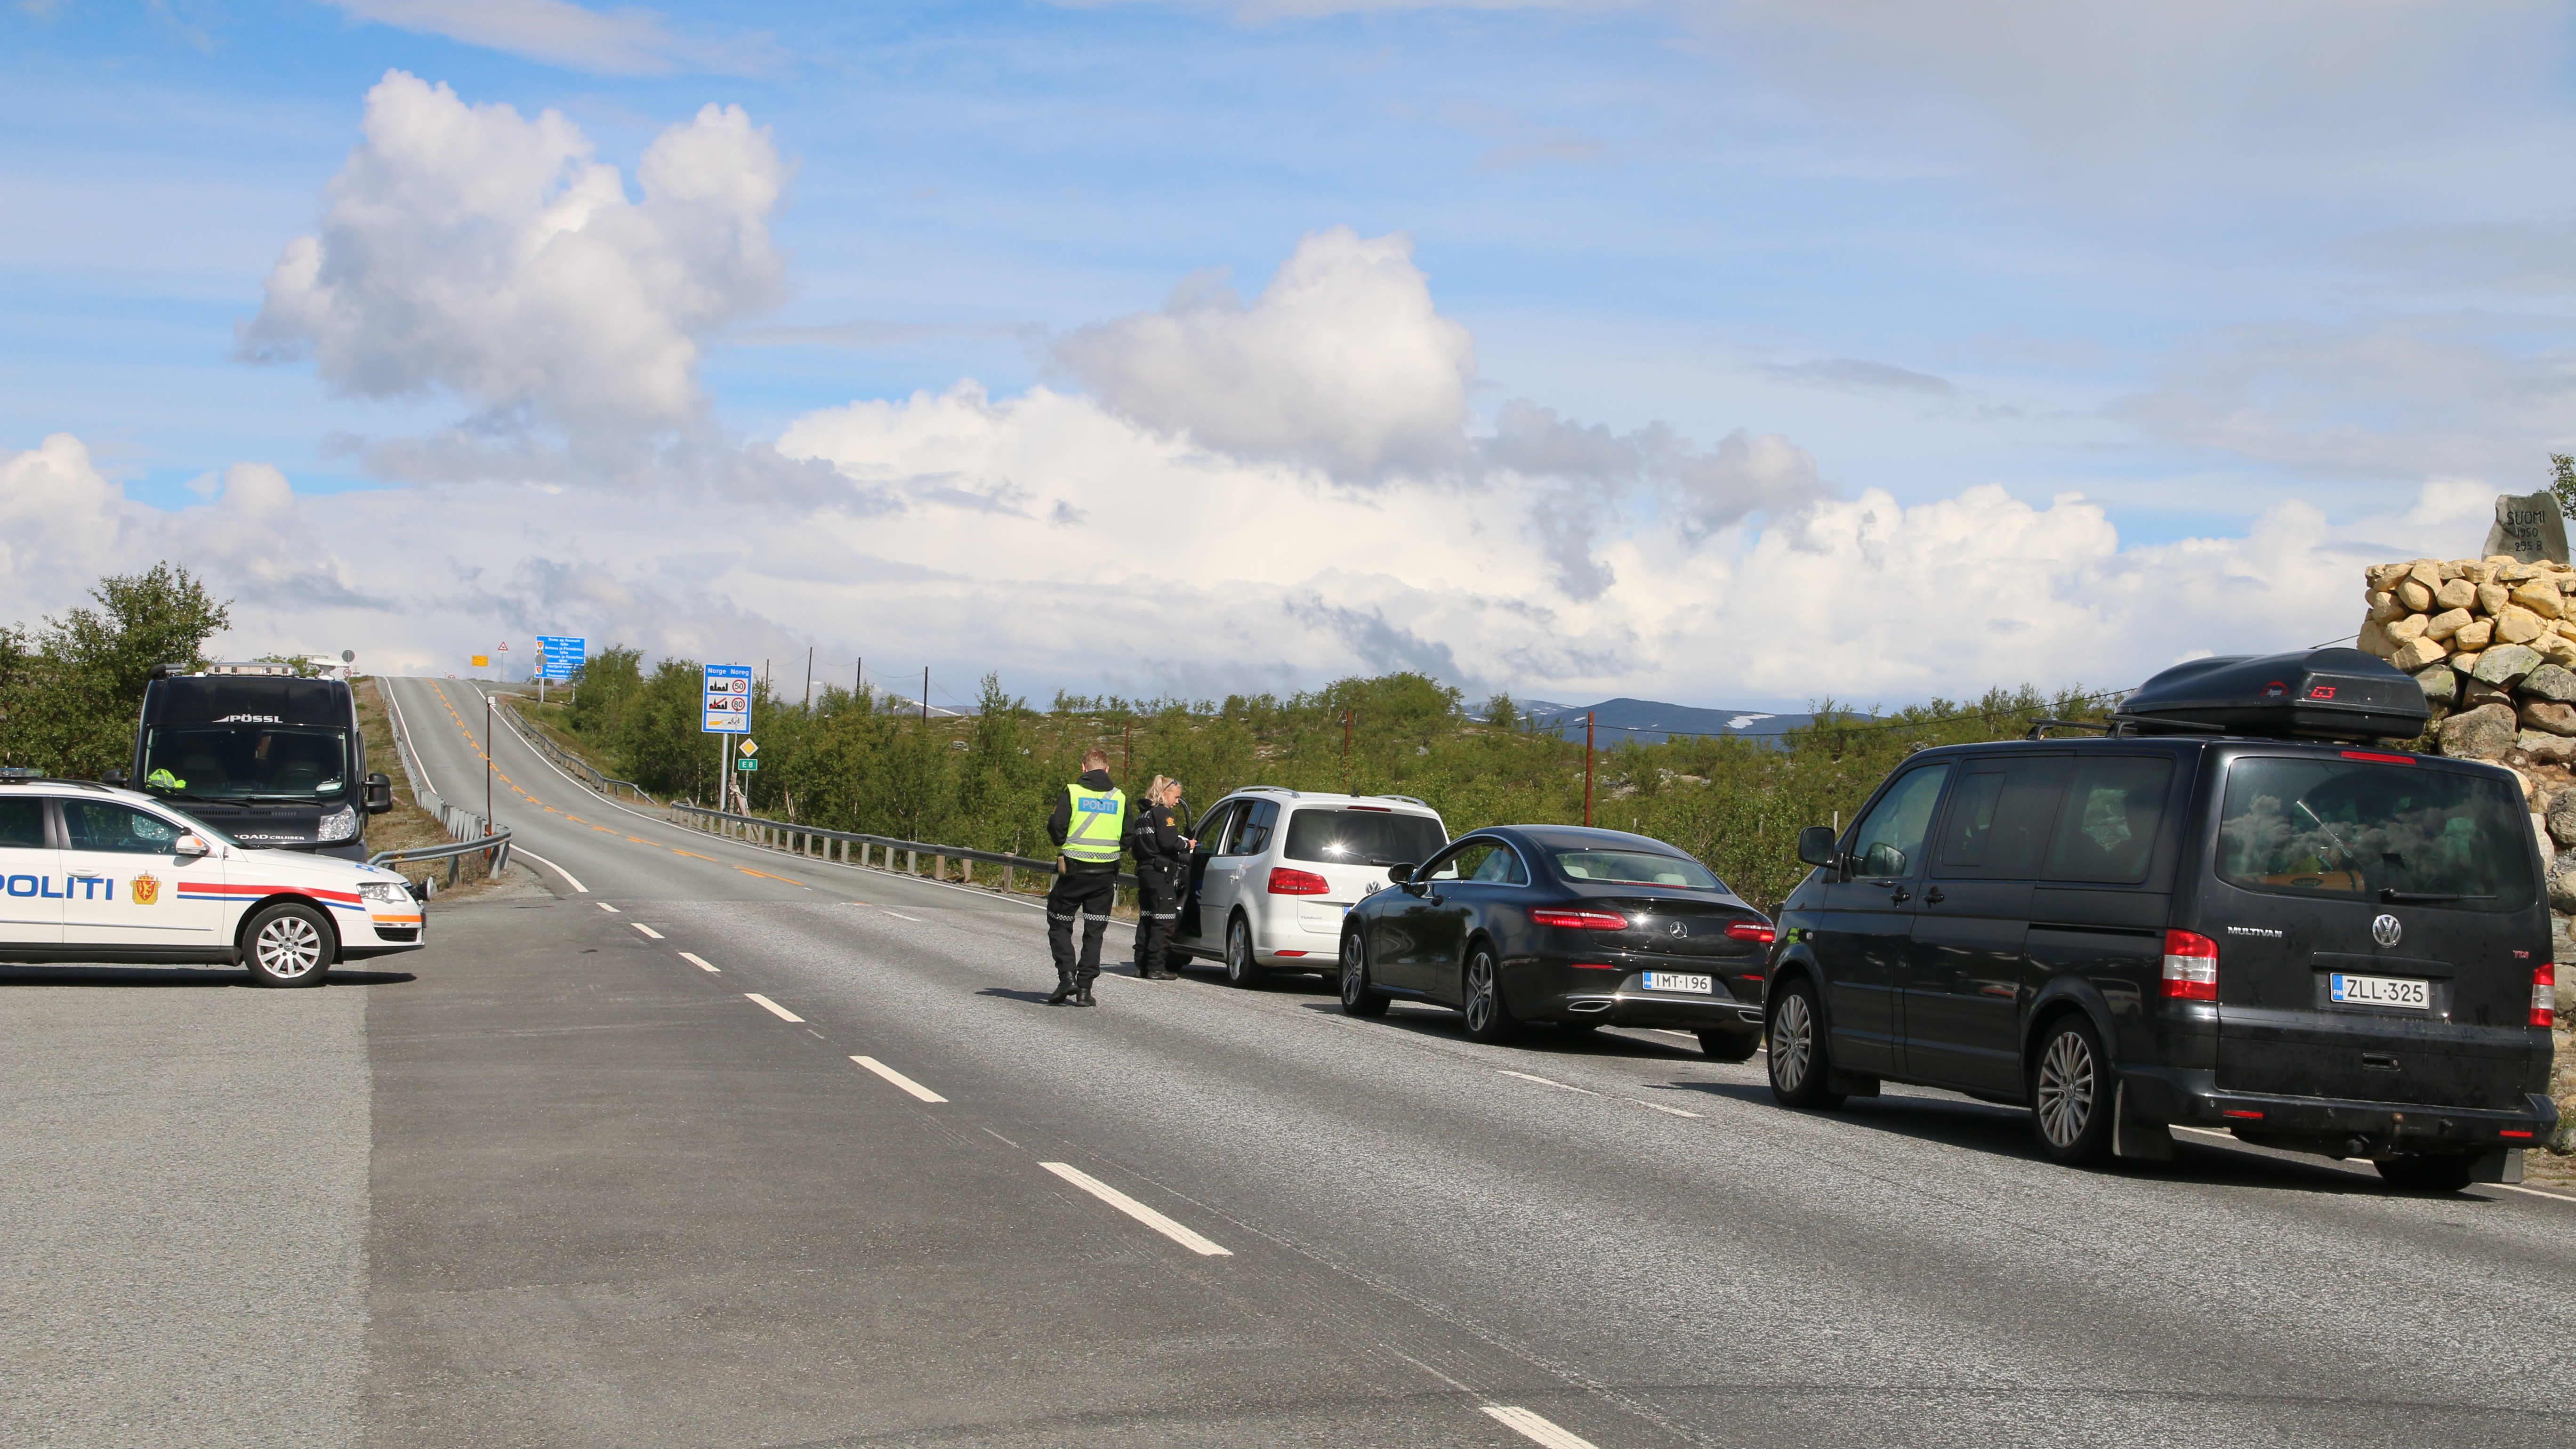 norjalaispoliisi tarkastaa autoilijoiden henkilöpapereita heinäkuussa 2020 Suomen ja Norjan rajalla